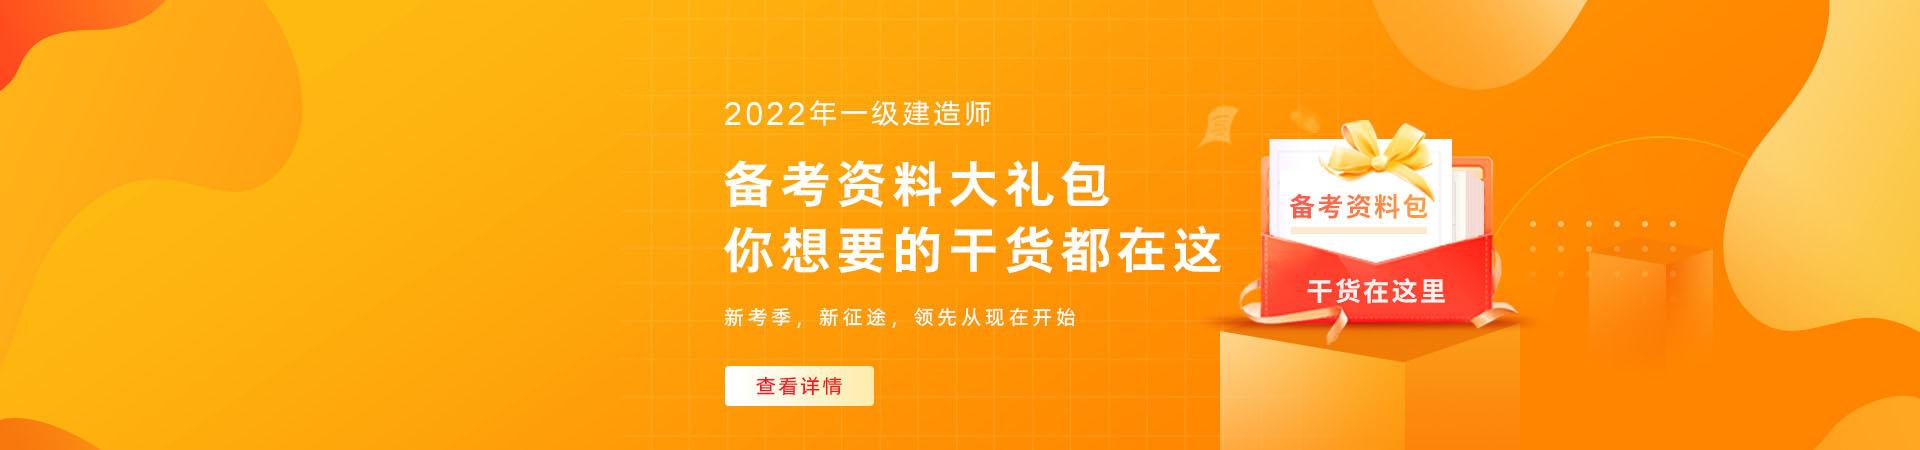 2022环球网一级建造师免费试听